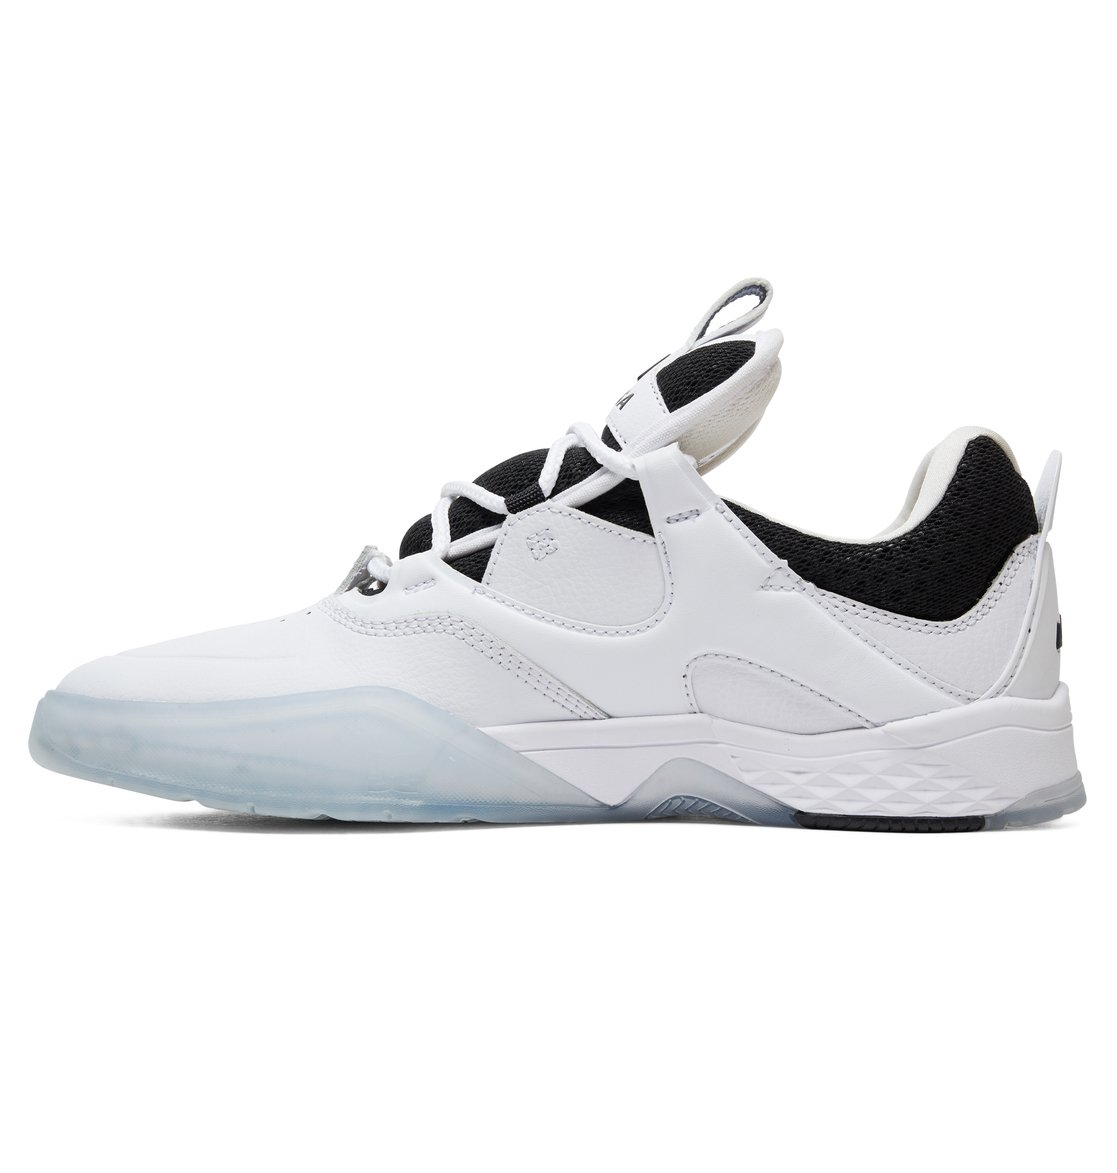 857d1864b4 2 Tênis Kalis S Manolo DC Shoes Branco BRADYS100483 DC Shoes